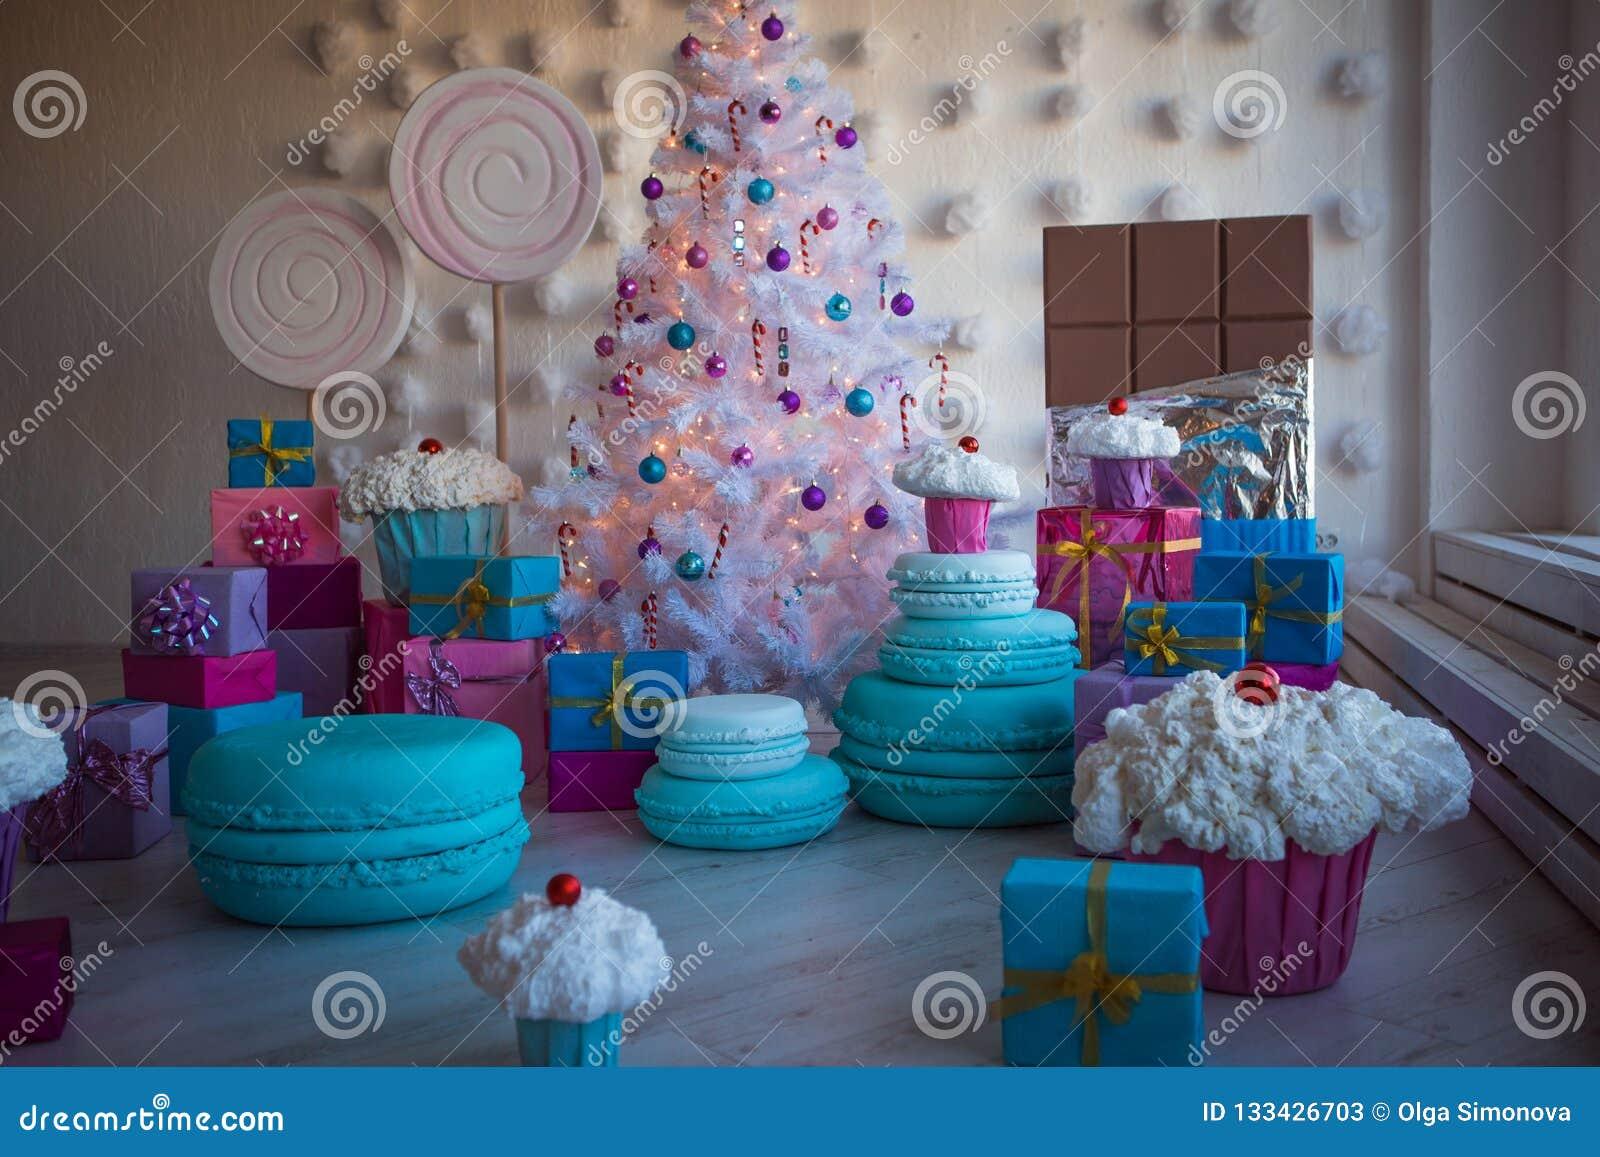 Bożenarodzeniowe dekoracje w postaci tortów i wielkiej czekolady Boże Narodzenie zabawki na białej sztucznej choince